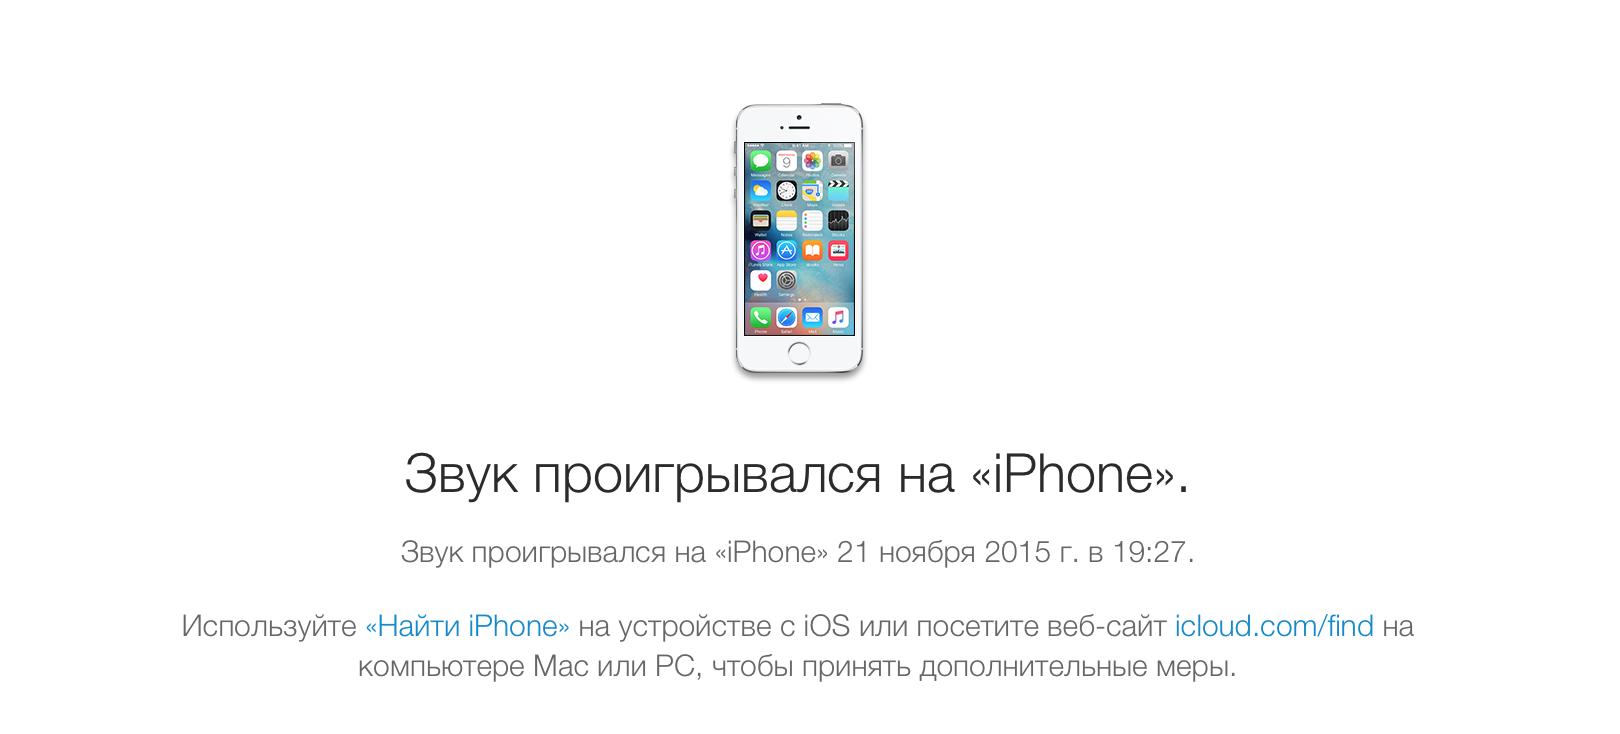 Как «угнать» iPhone, которого у вас уже нет - 2